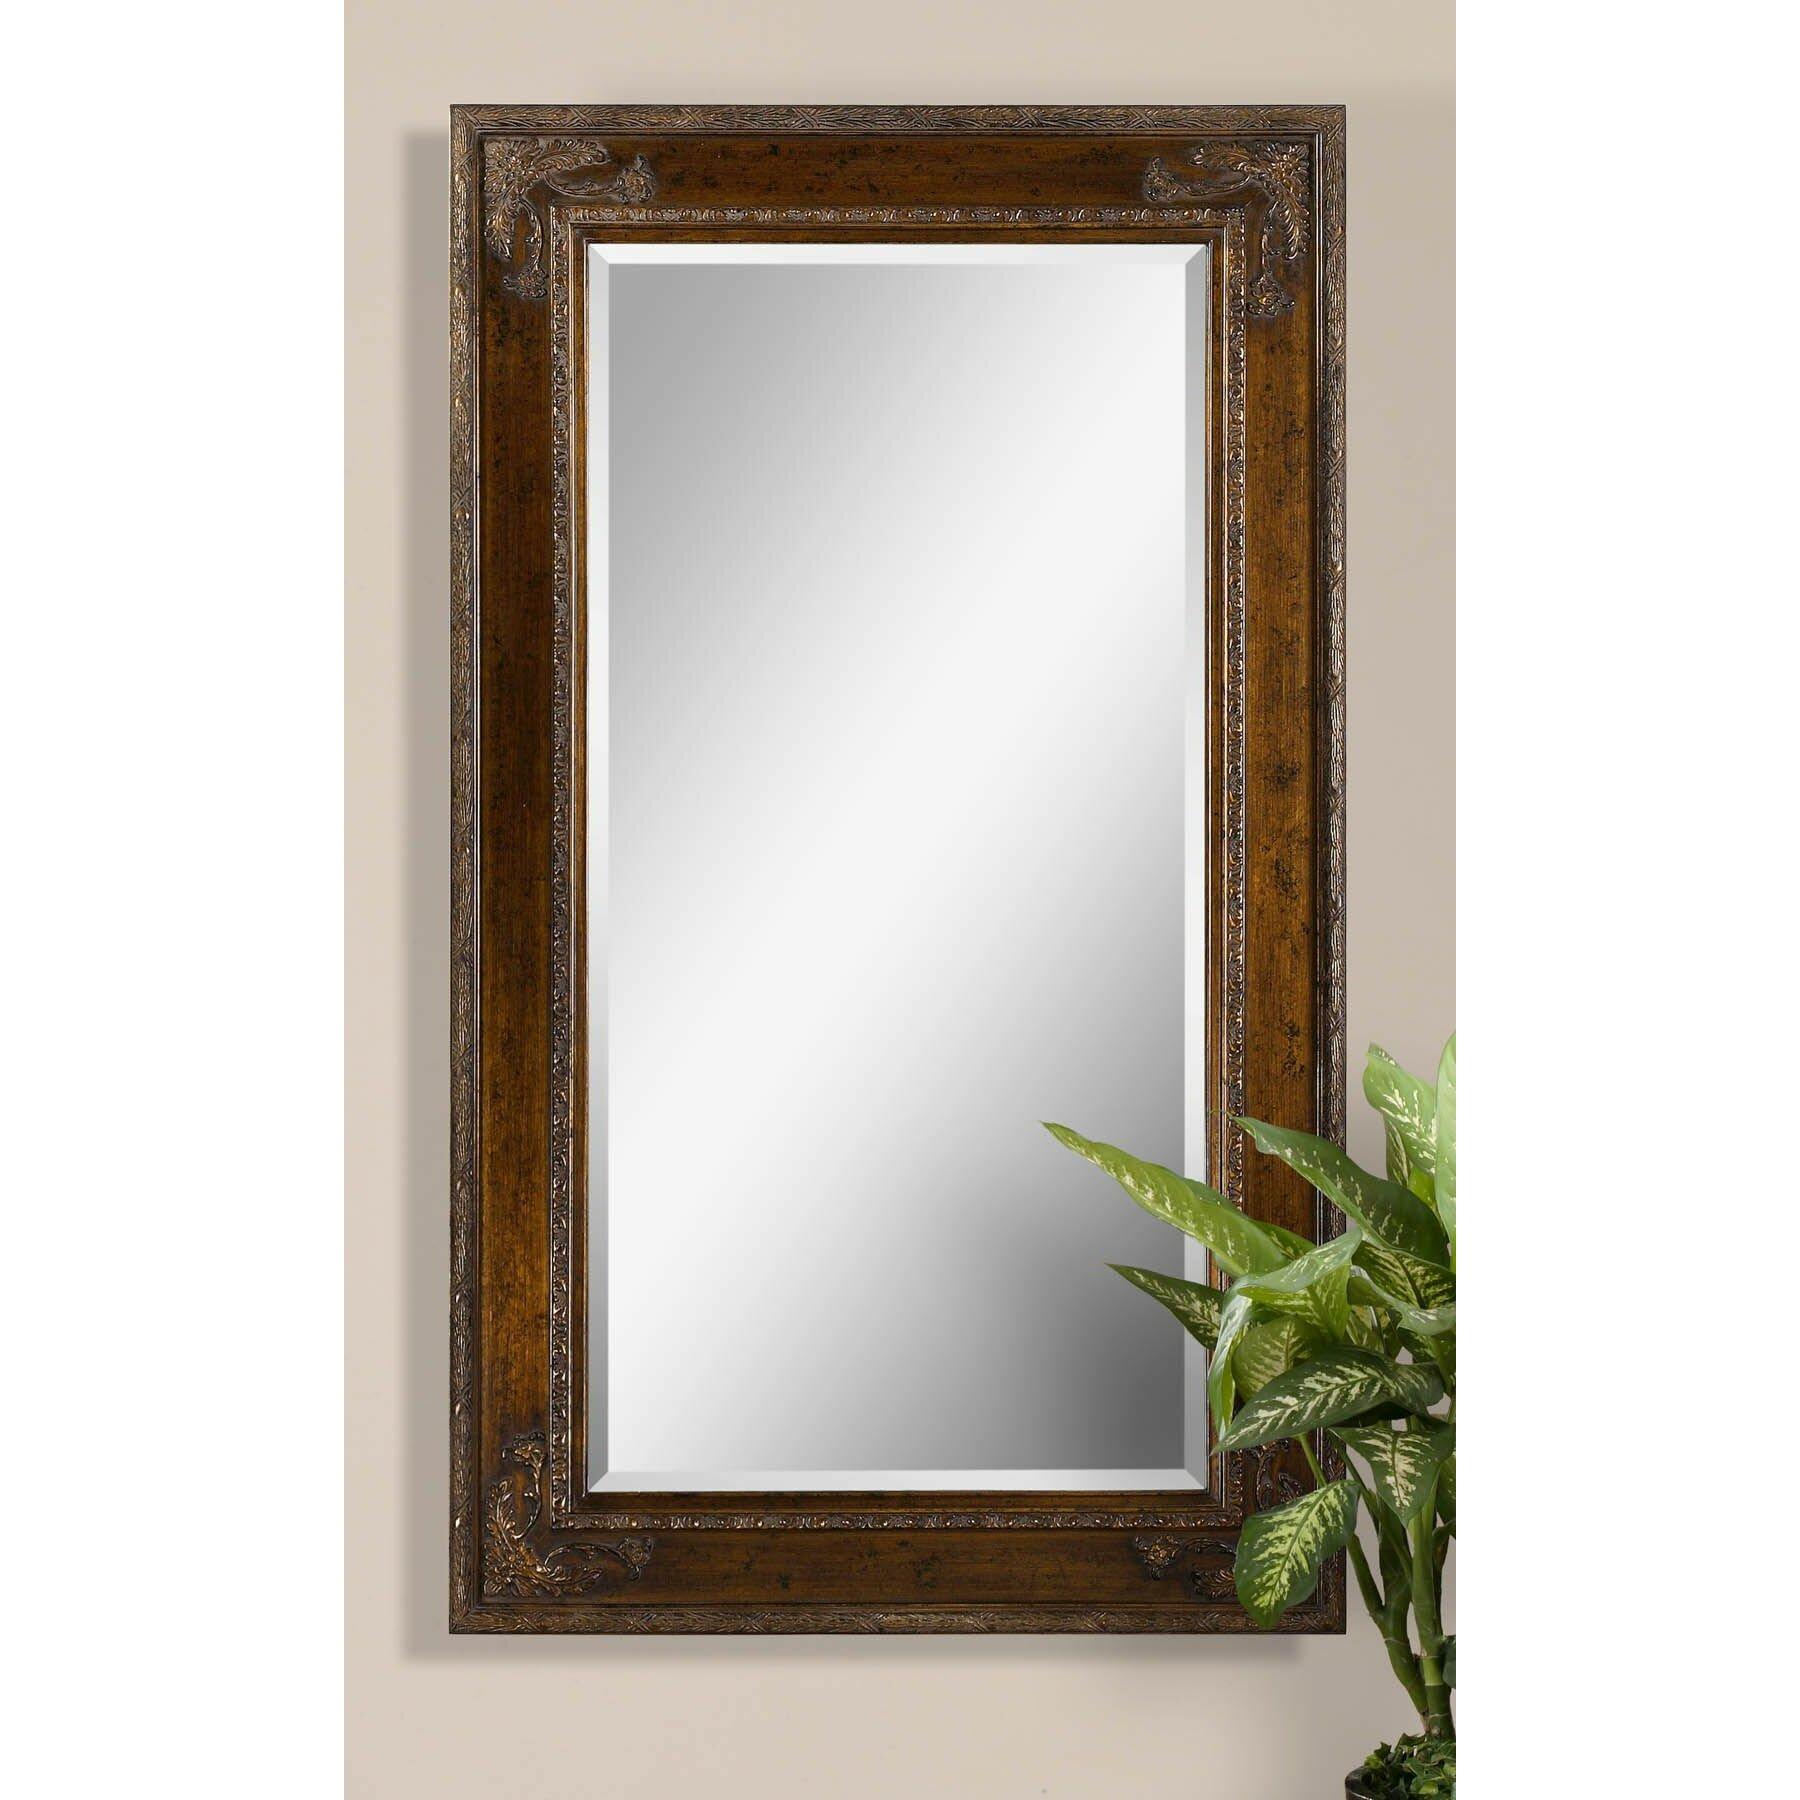 Uttermost edeva beveled mirror reviews wayfair for Beveled mirror